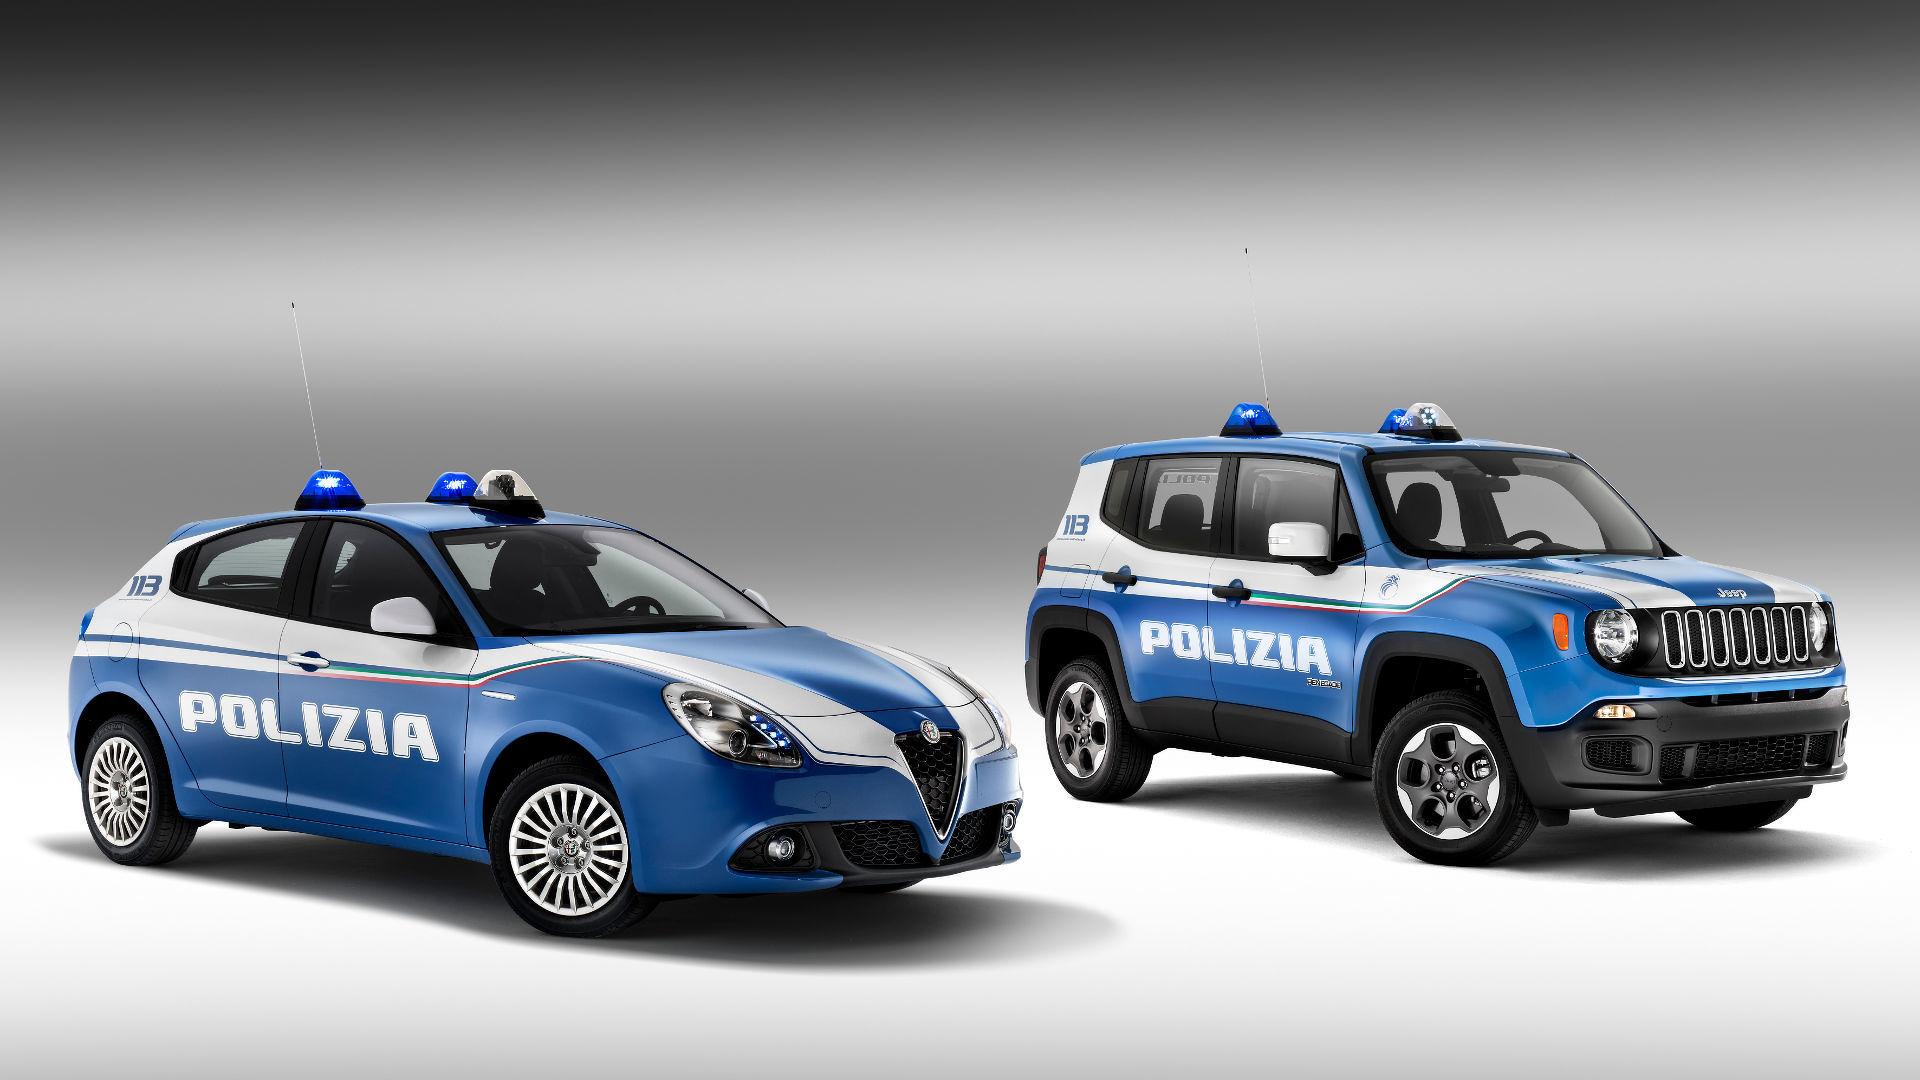 polizia-di-stato-alfa-romeo-giulia-giulietta-jeep-renegade.jpg